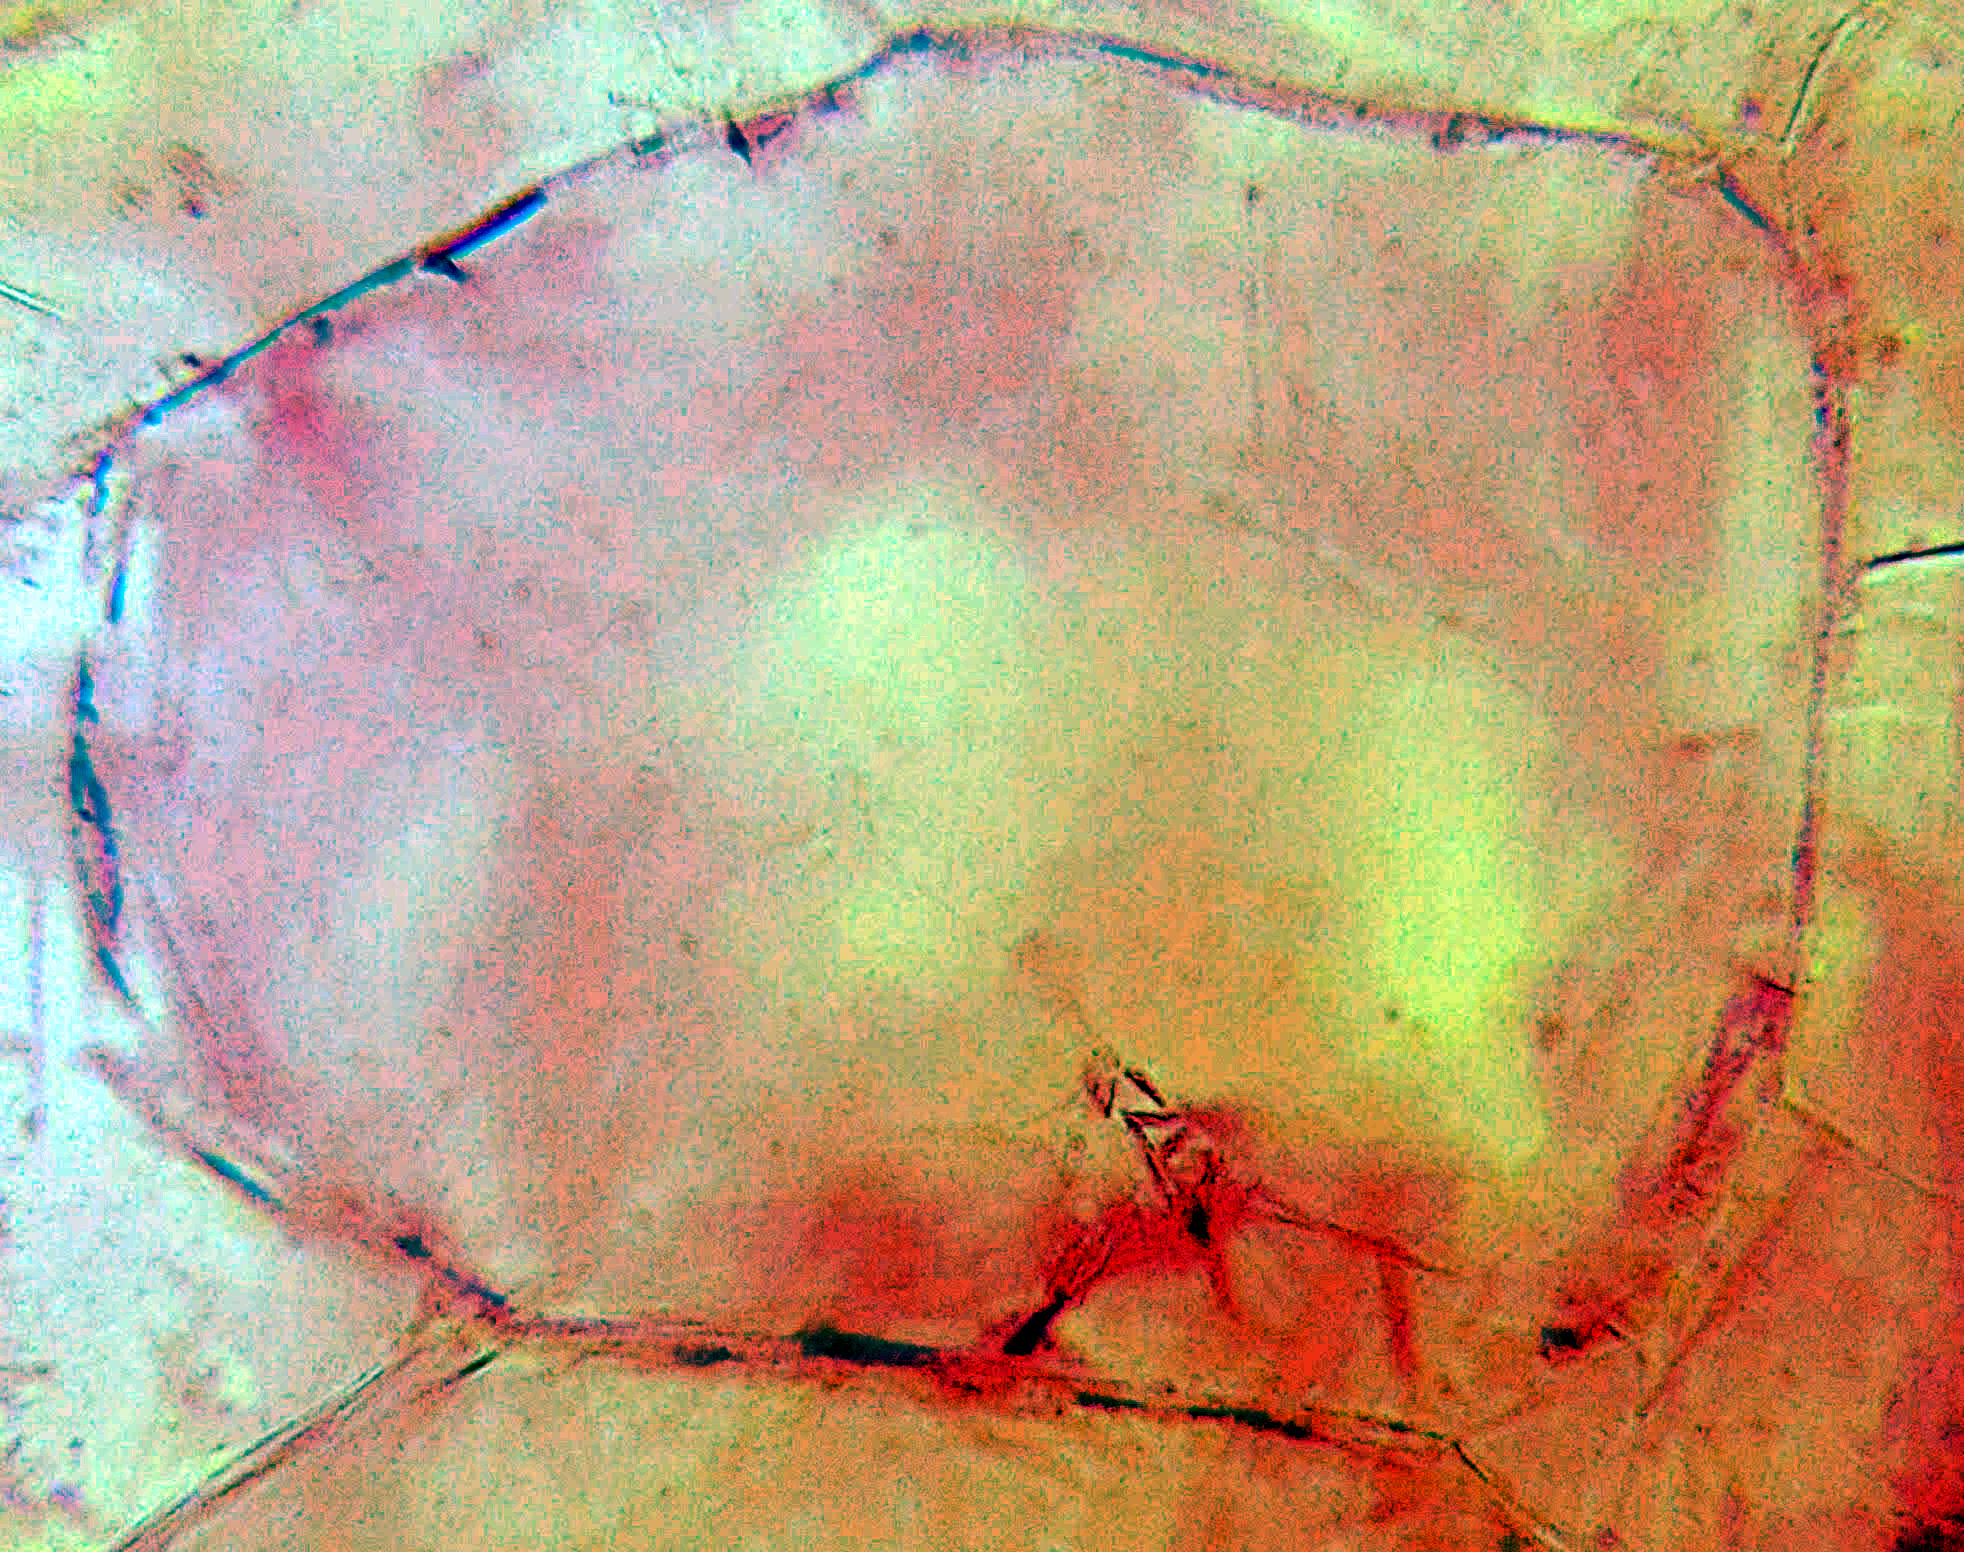 Мякоть Арбуза Обыкновенного в микроскоп